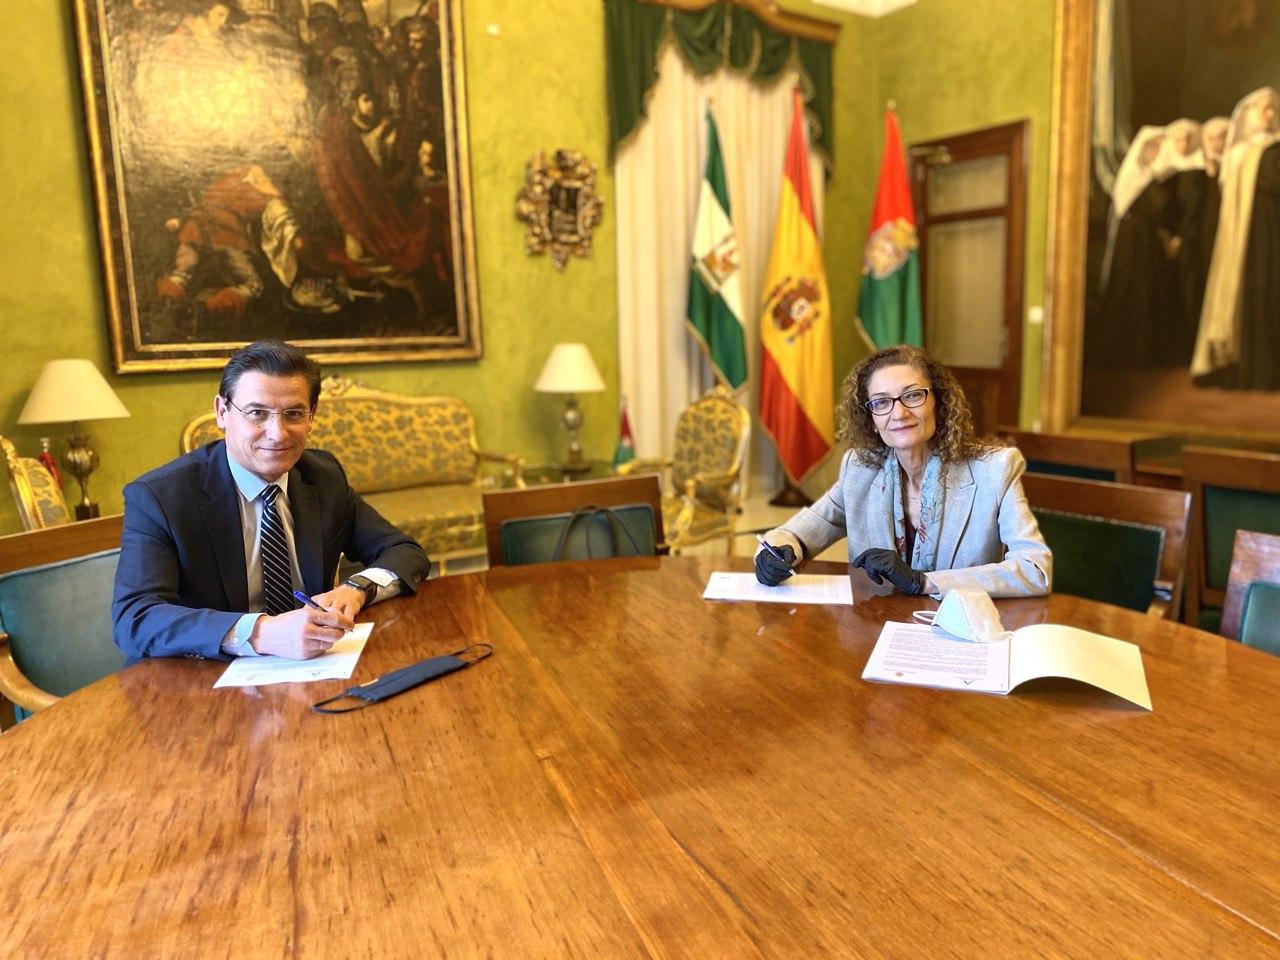 Ayuntamiento y Junta firman un acuerdo para apoyar a los alumnos más desfavorecidos